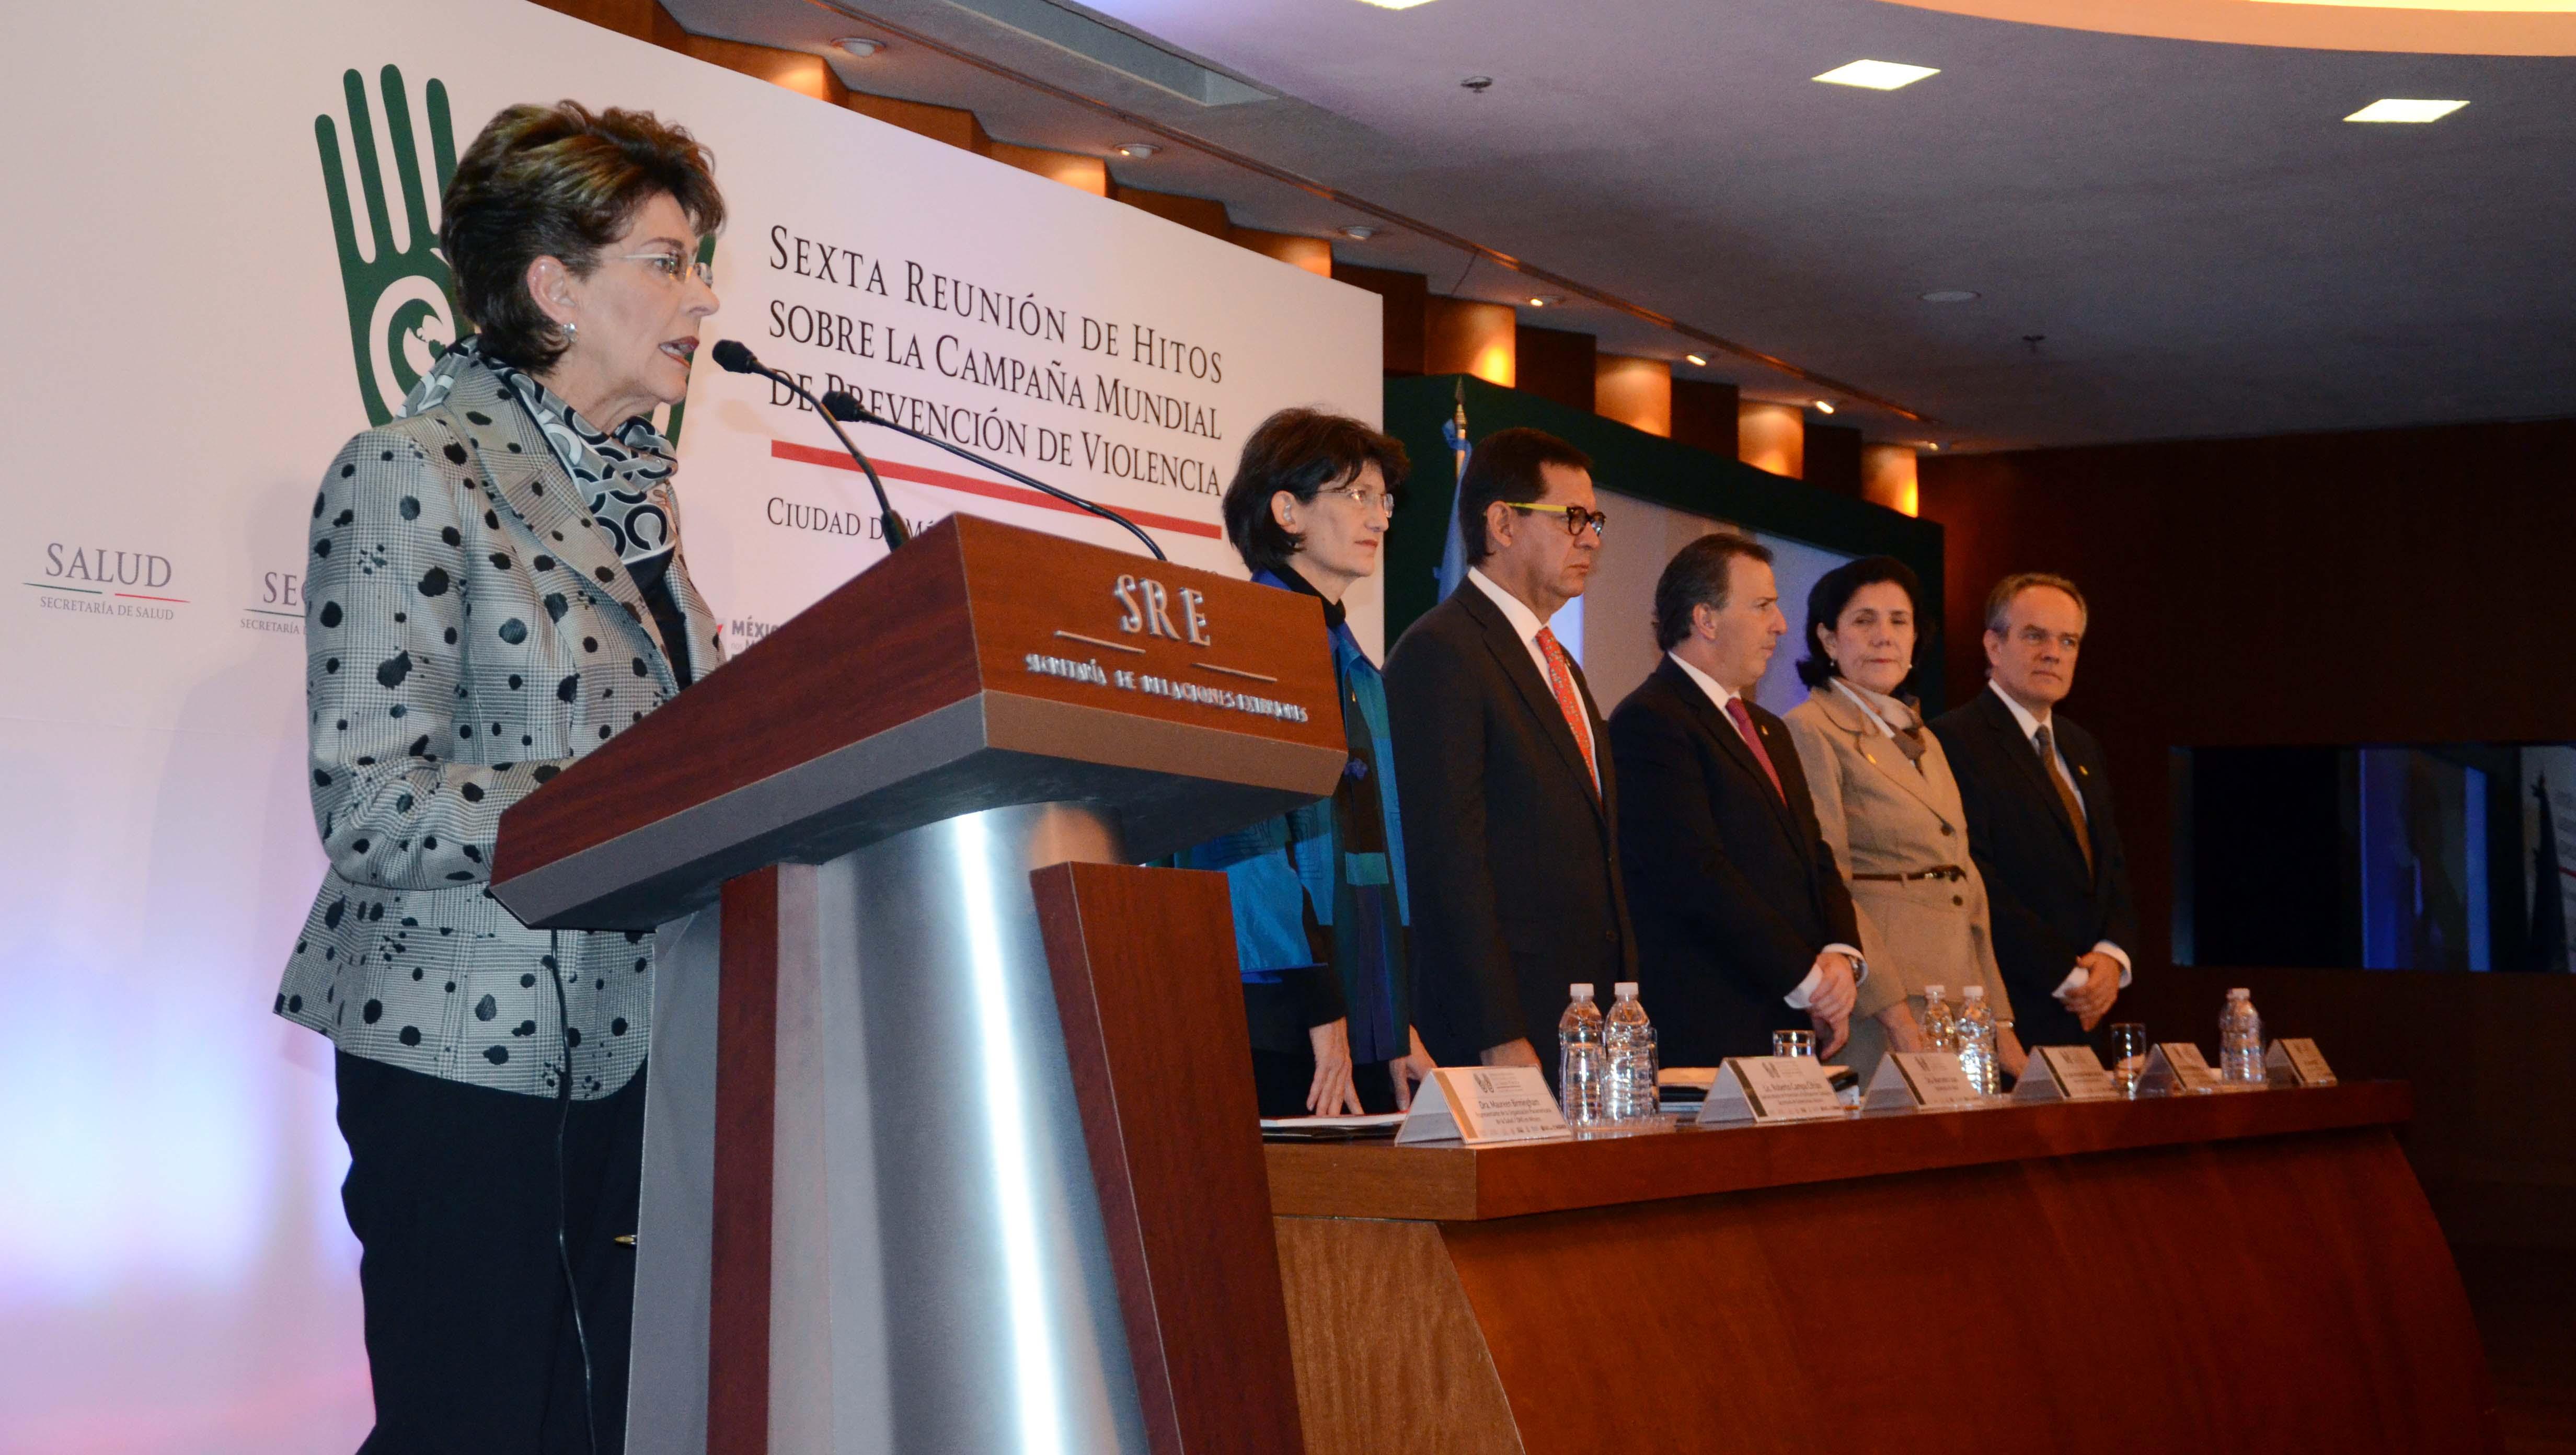 Sexta Reunión de Hitos de la Campaña Mundial de Prevención de la Violencia